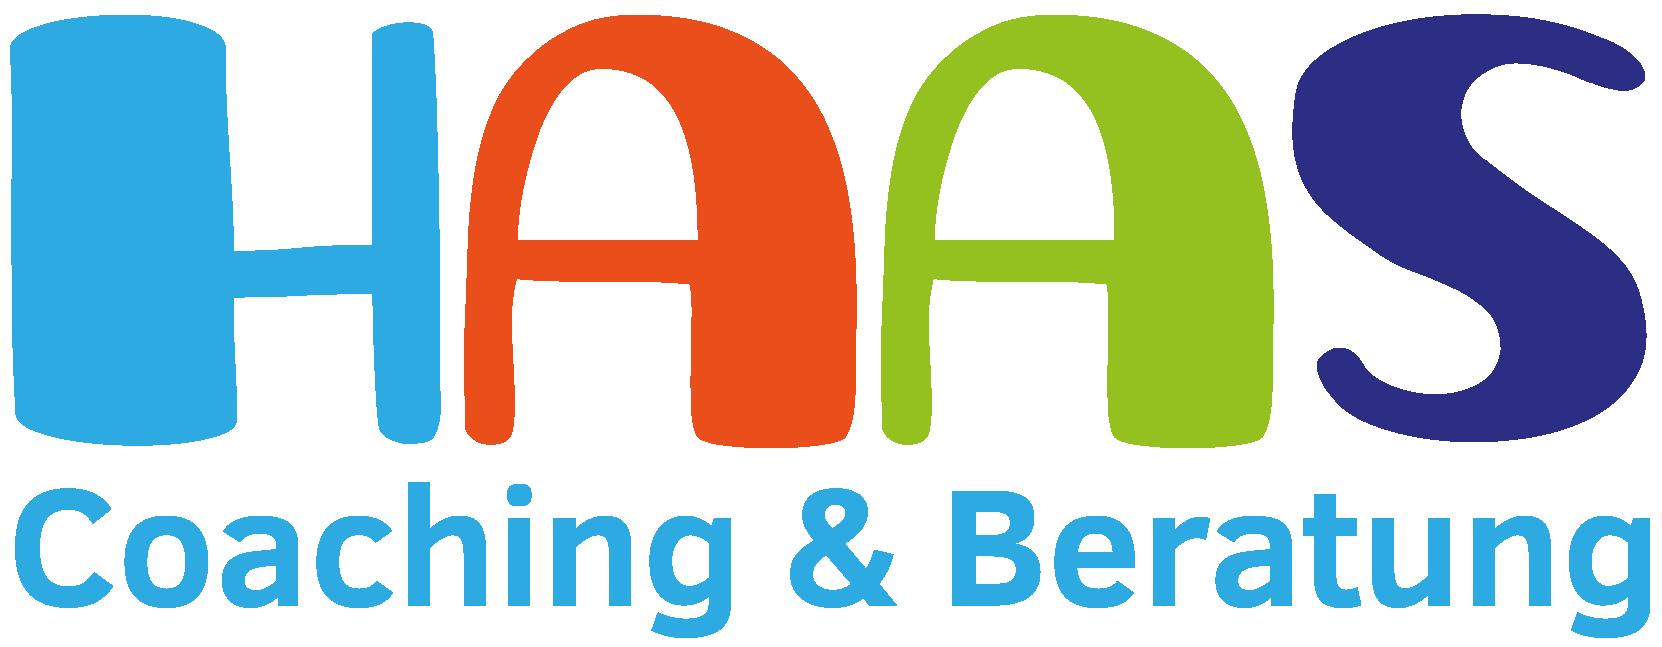 Haas Coaching & Beratung